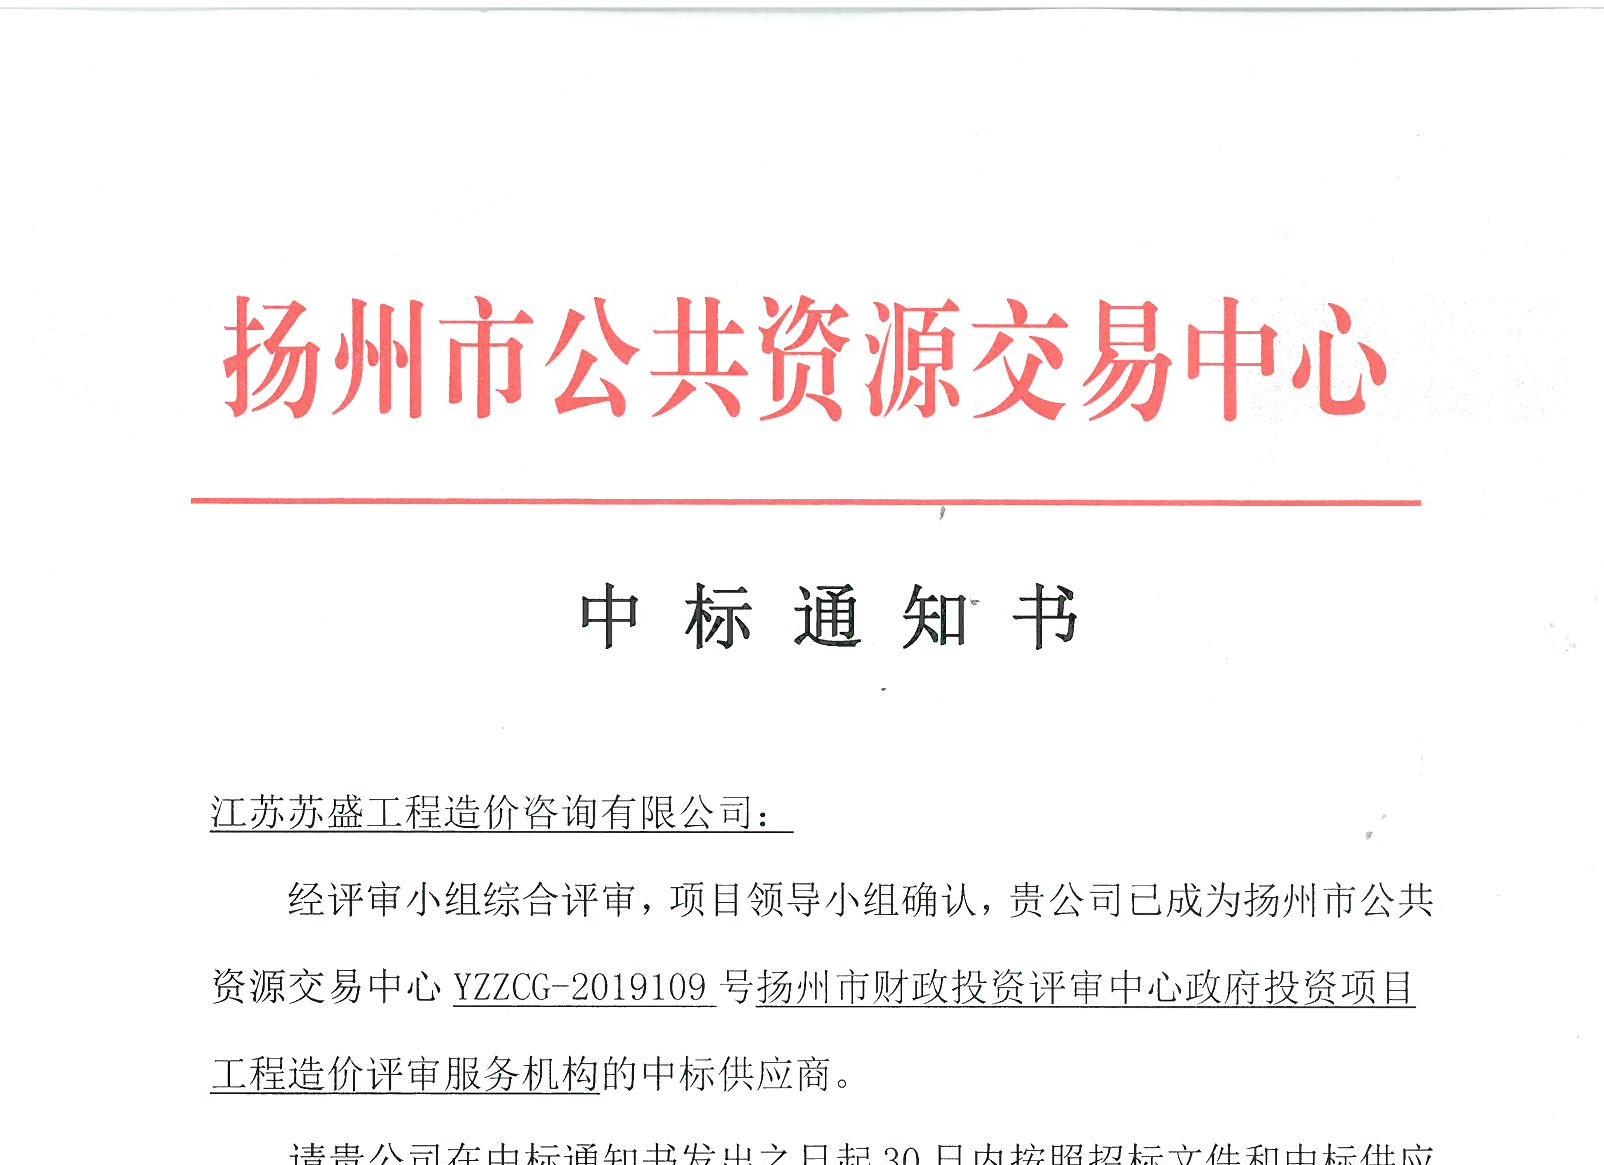 热烈我公司成功入选扬州市财政投资评审中心政府投资项目亚搏体育官网入口评审服务机构